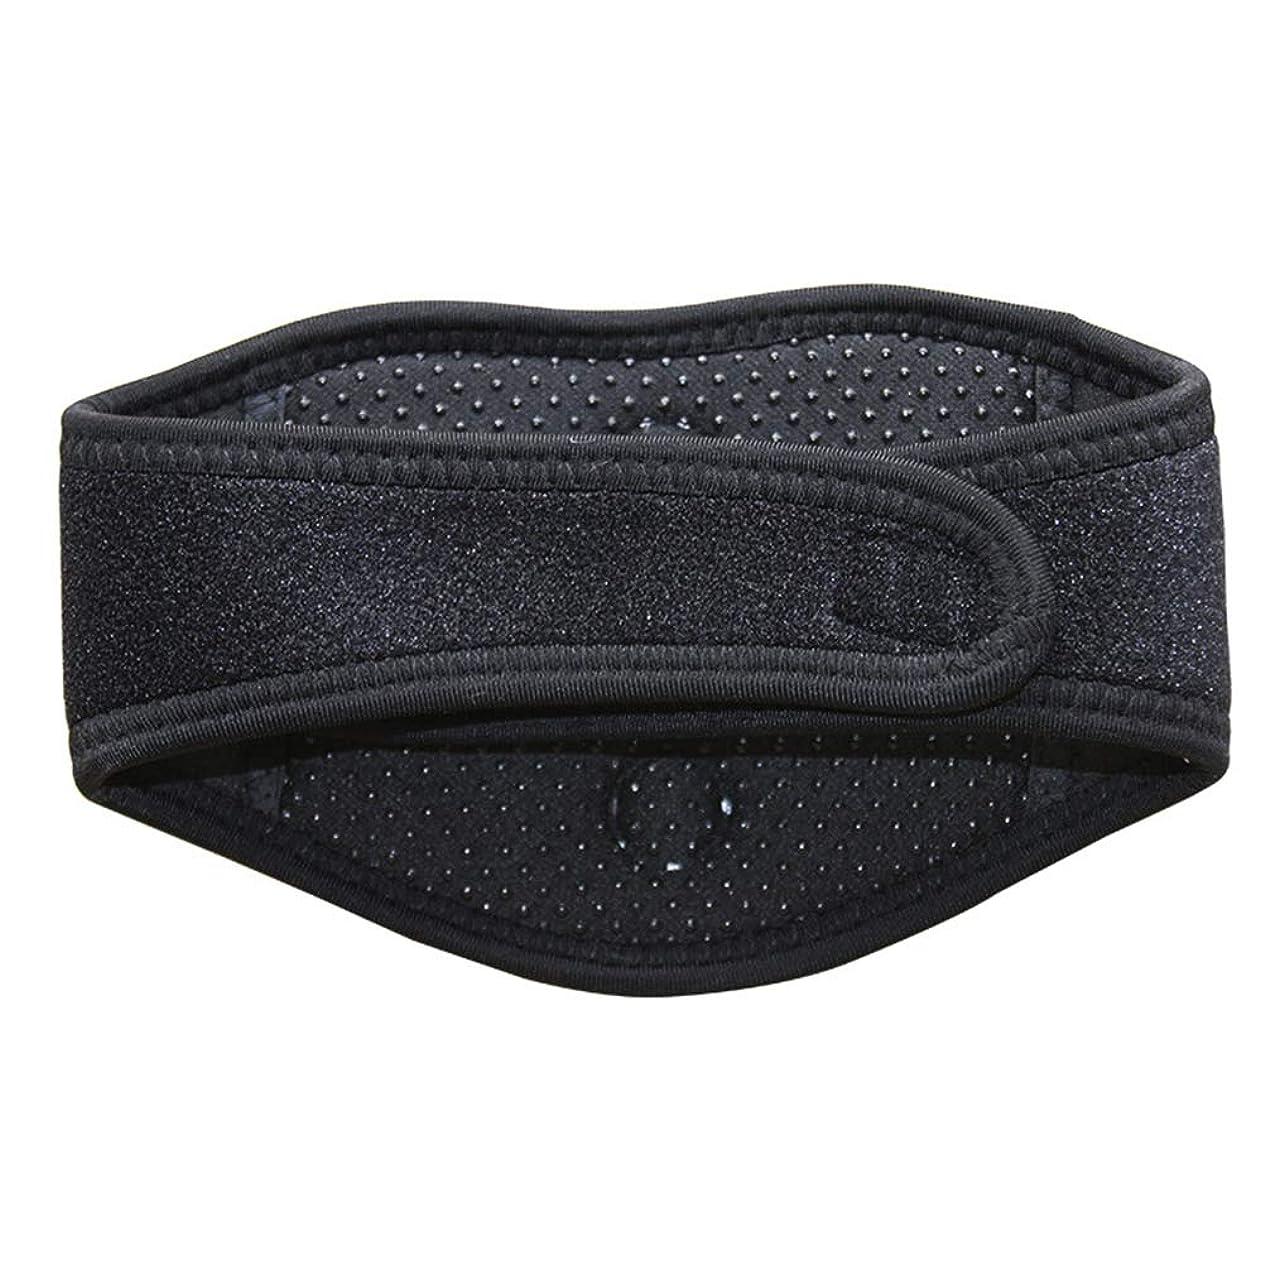 ローンアークの間でSUPVOX磁気治療ネックブレース暖房首マッサージャー首の痛みとサポートのため(黒)